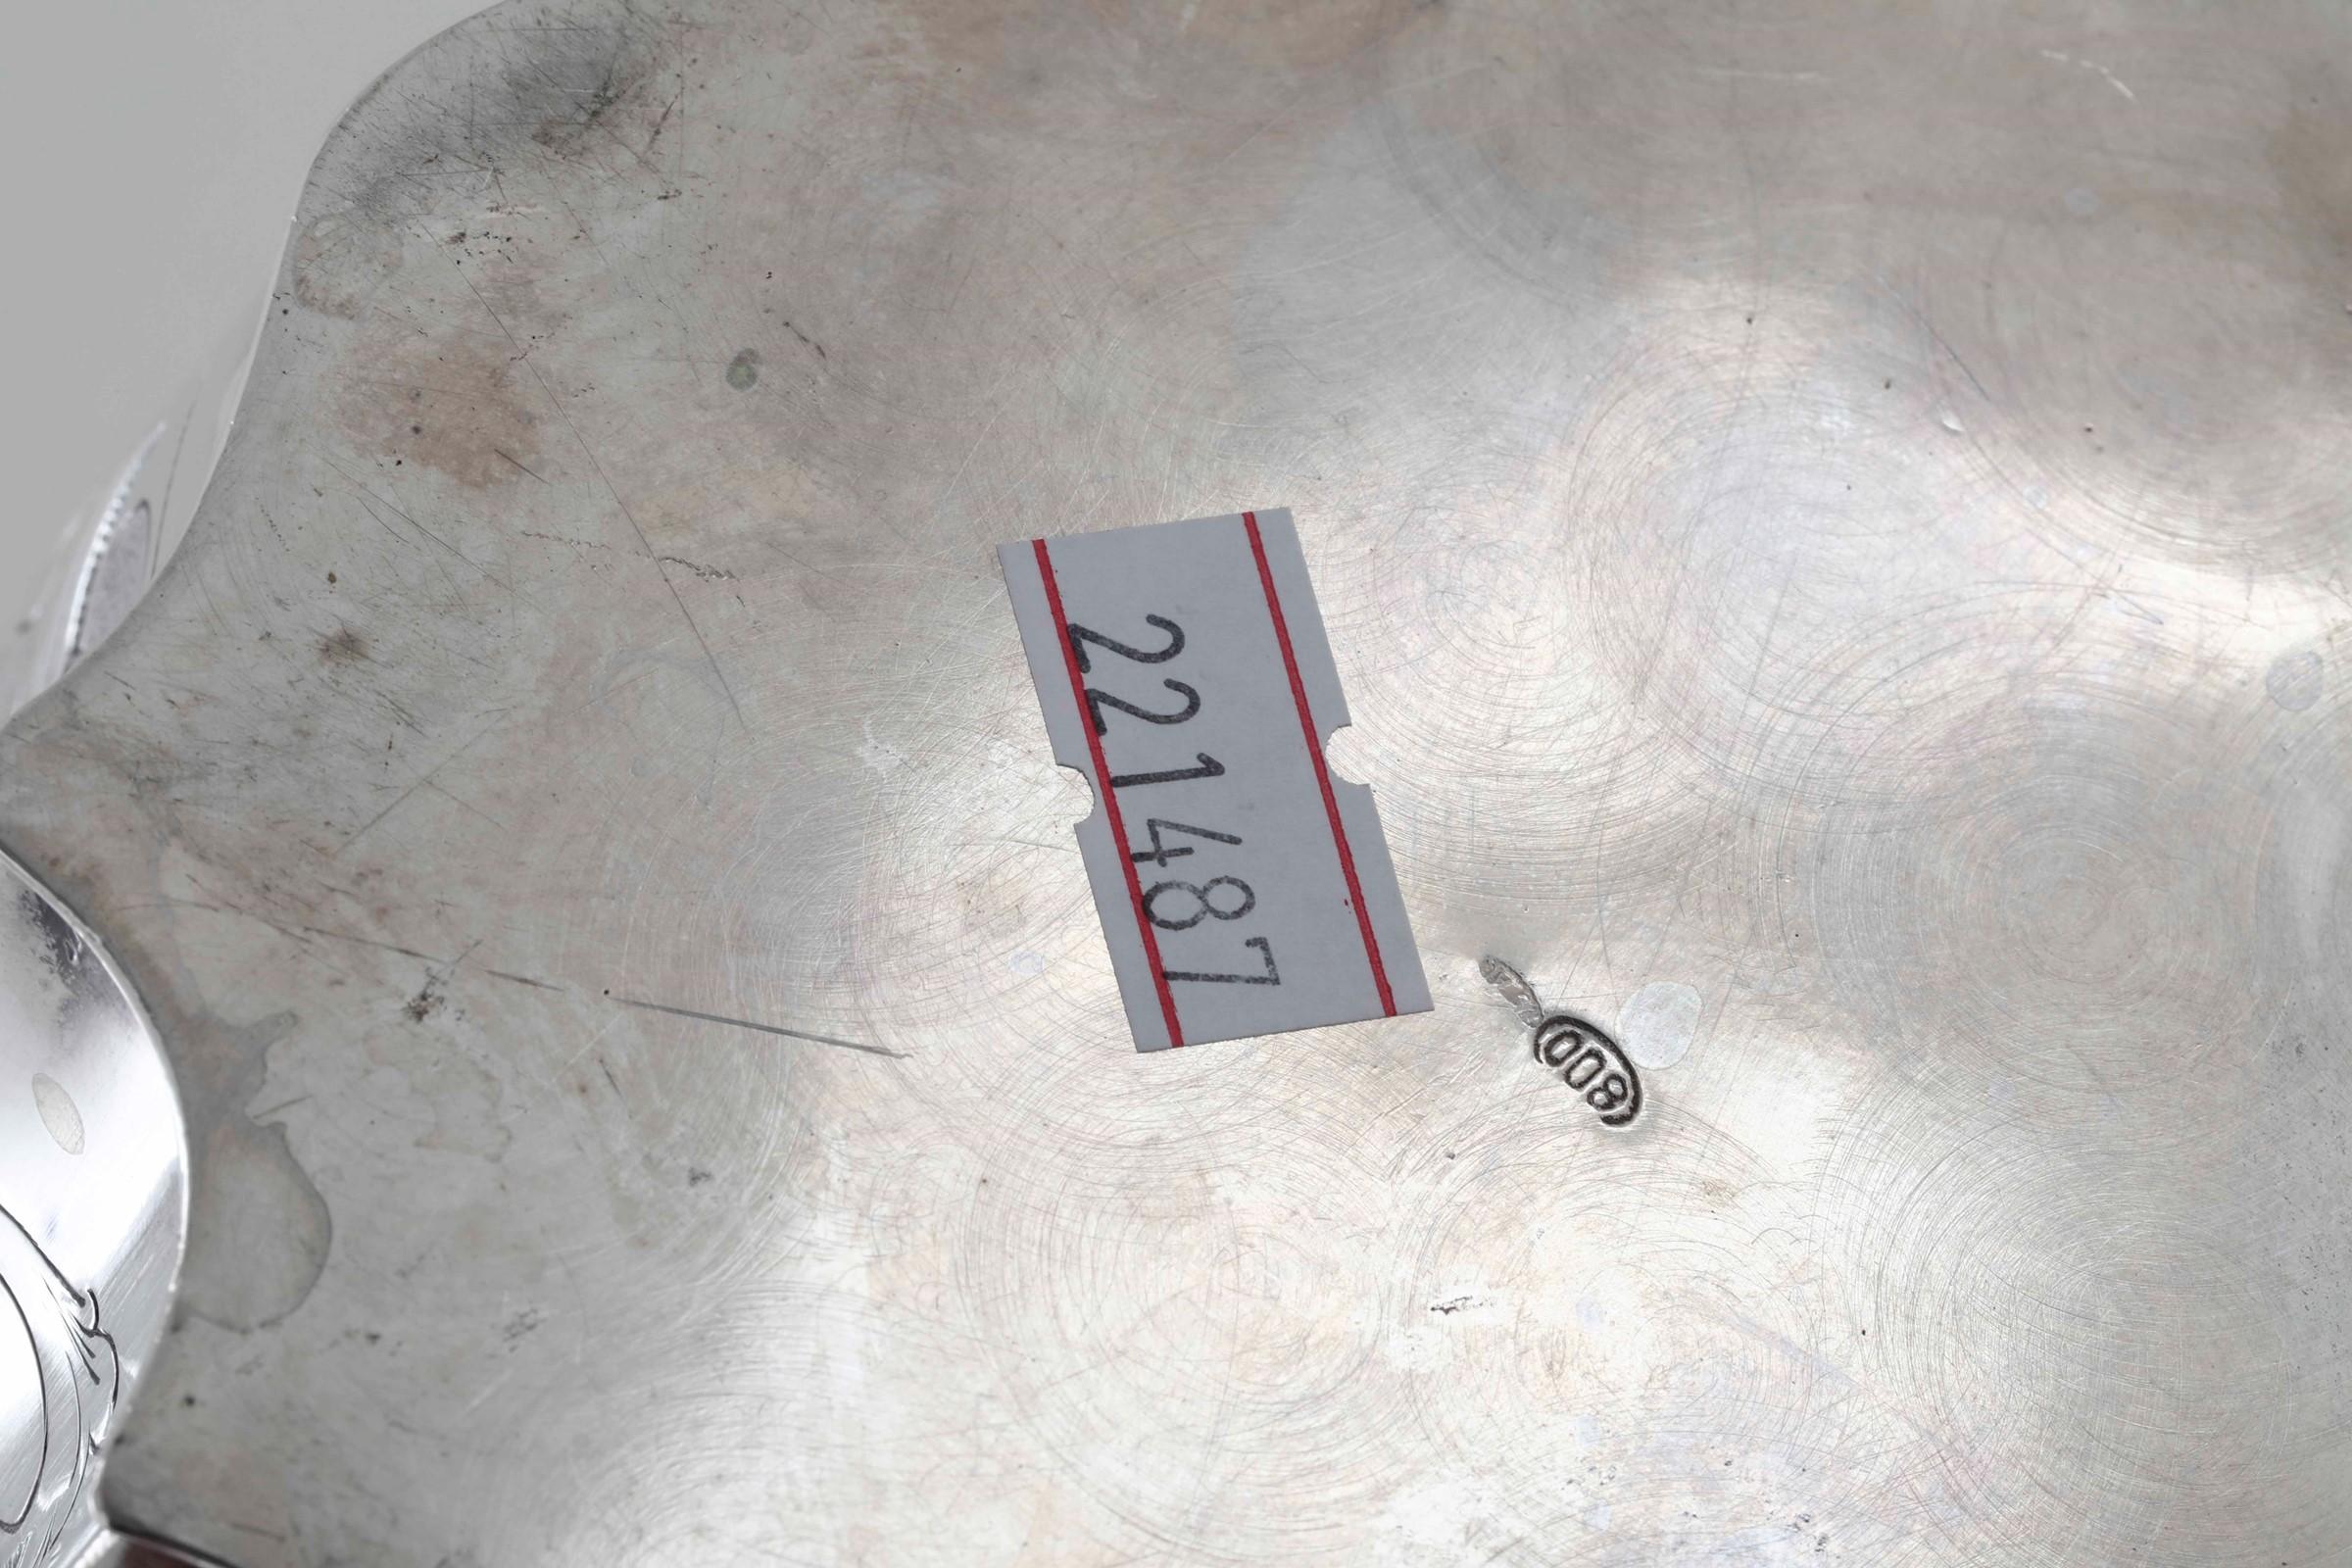 Rinfrescatoio in argento cesellato. Argenteria artistica italiana del XX secolo, - [...] - Image 2 of 2